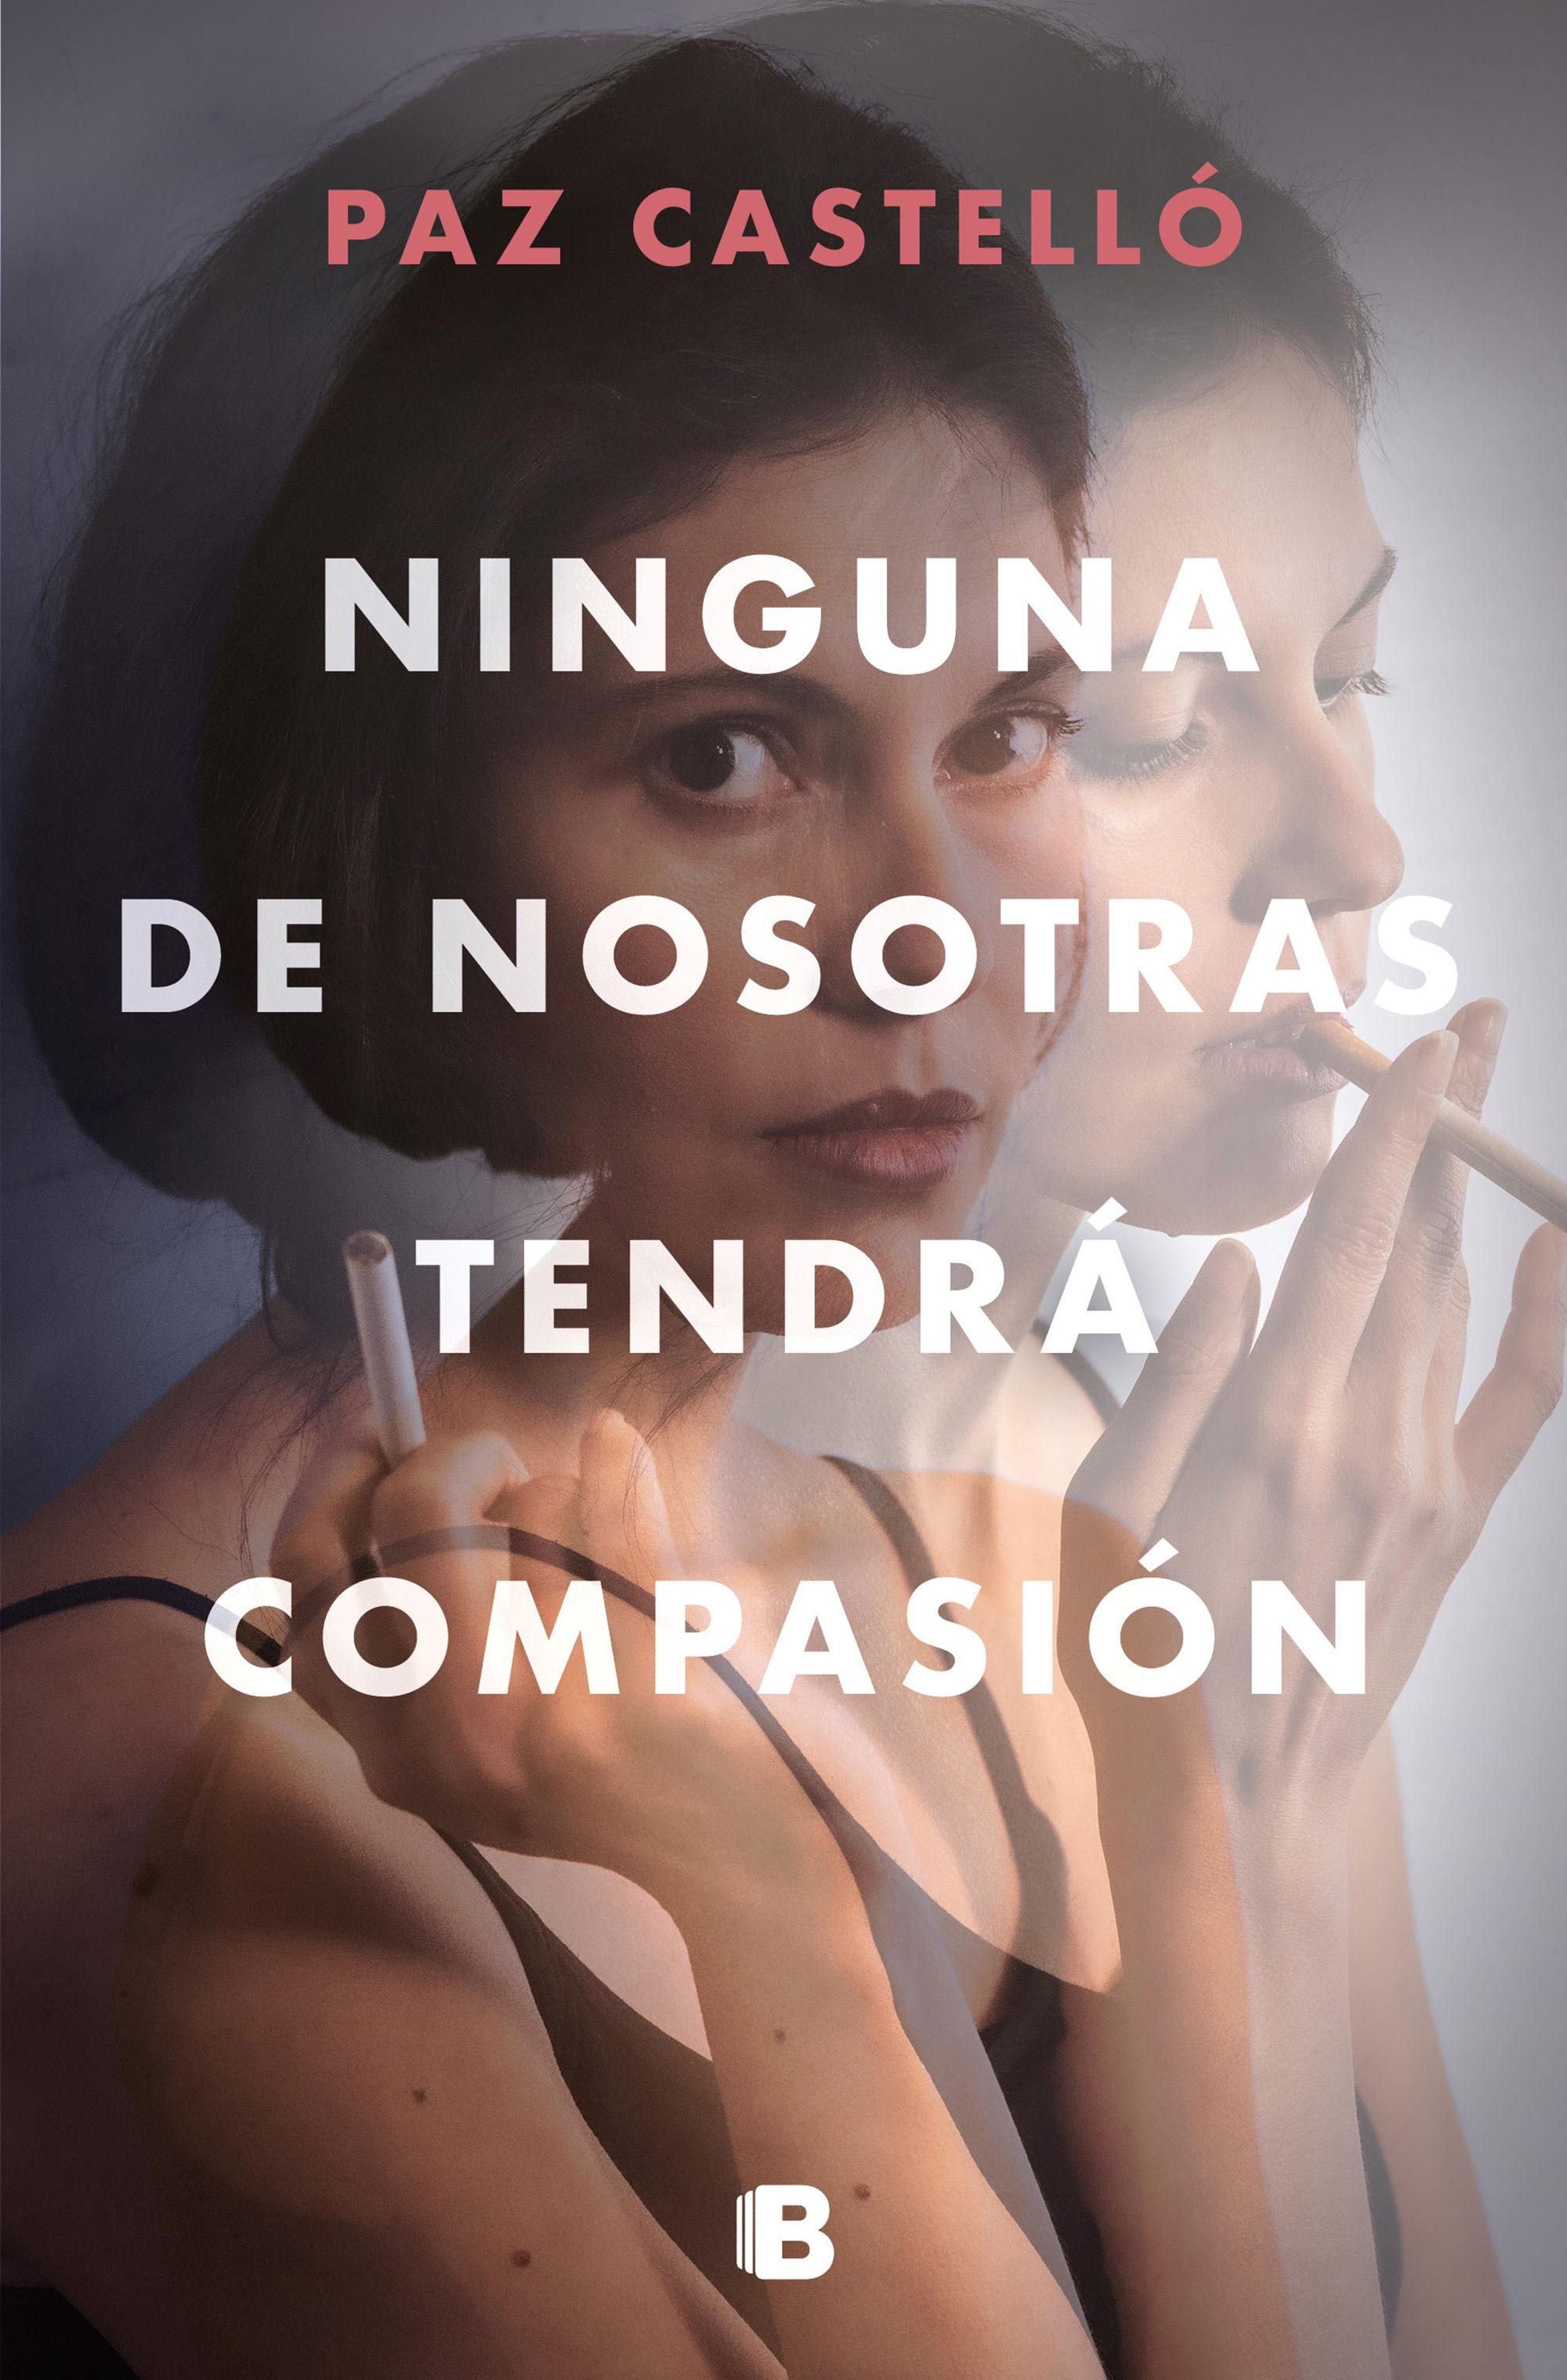 NINGUNA DE NOSOTRAS TENDRA COMPASION